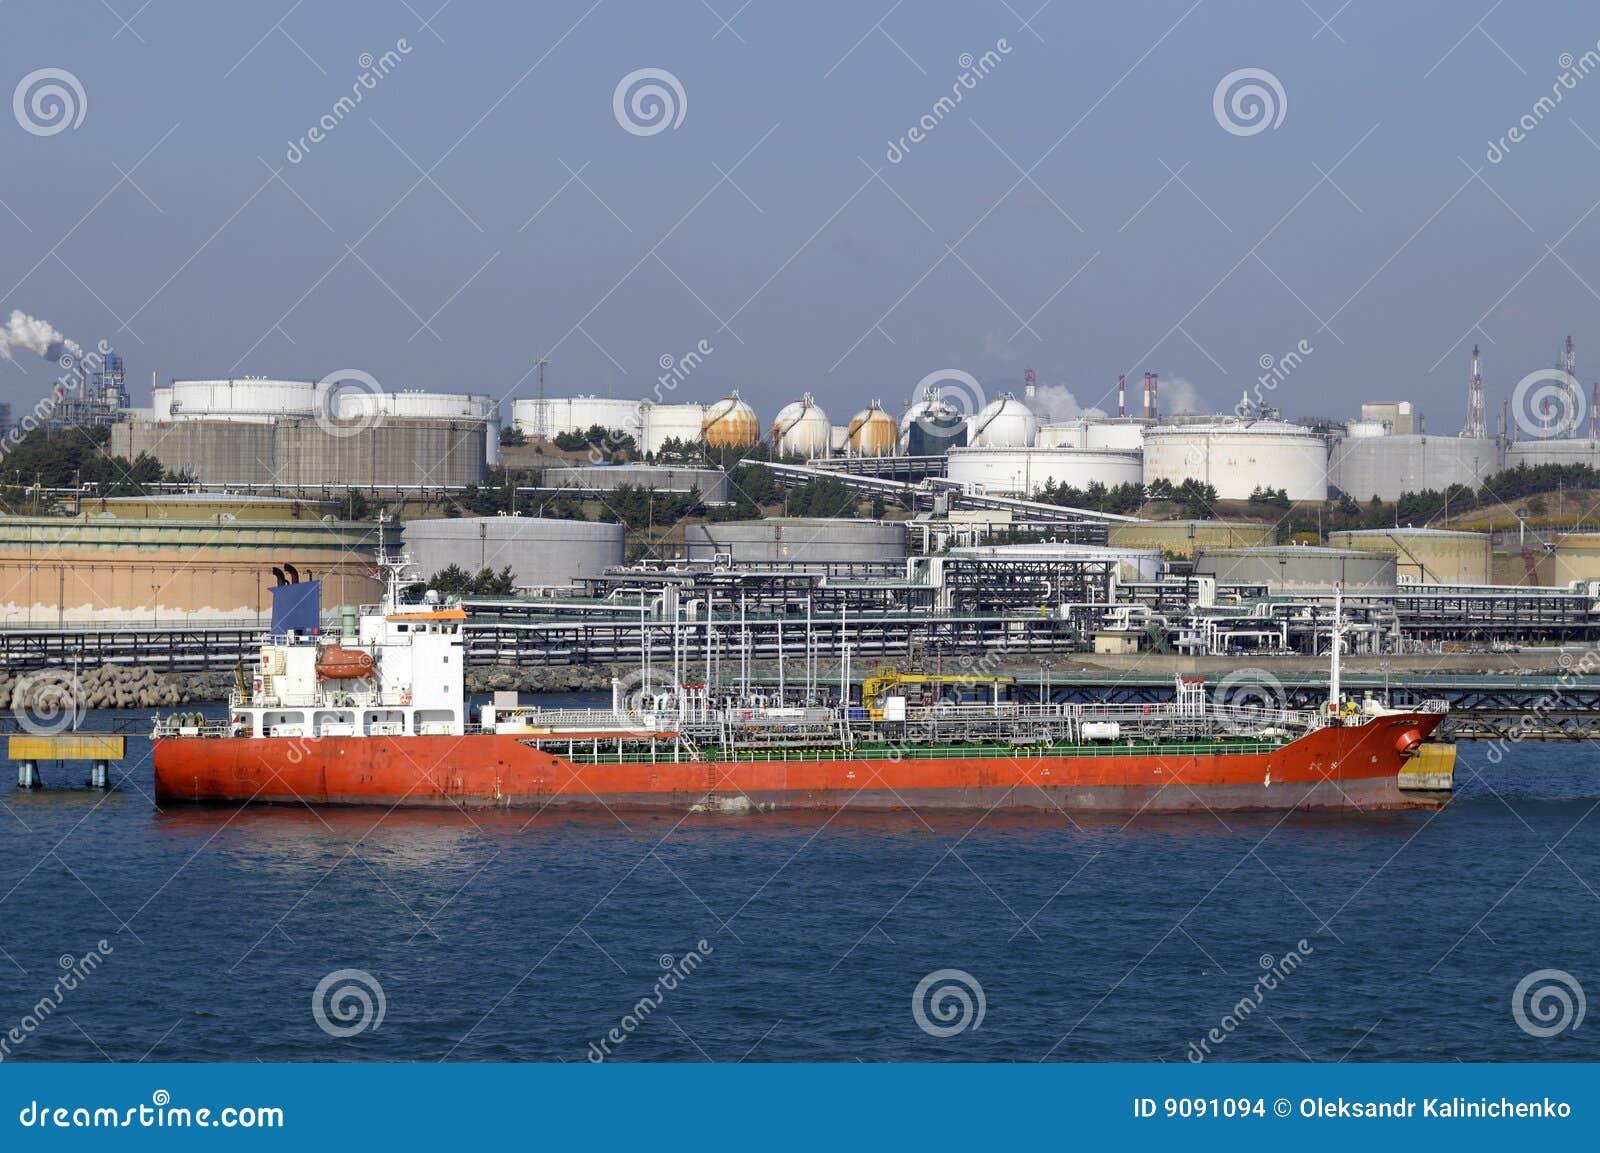 Schmieröl- und Gasindustrie - grude Öltanker